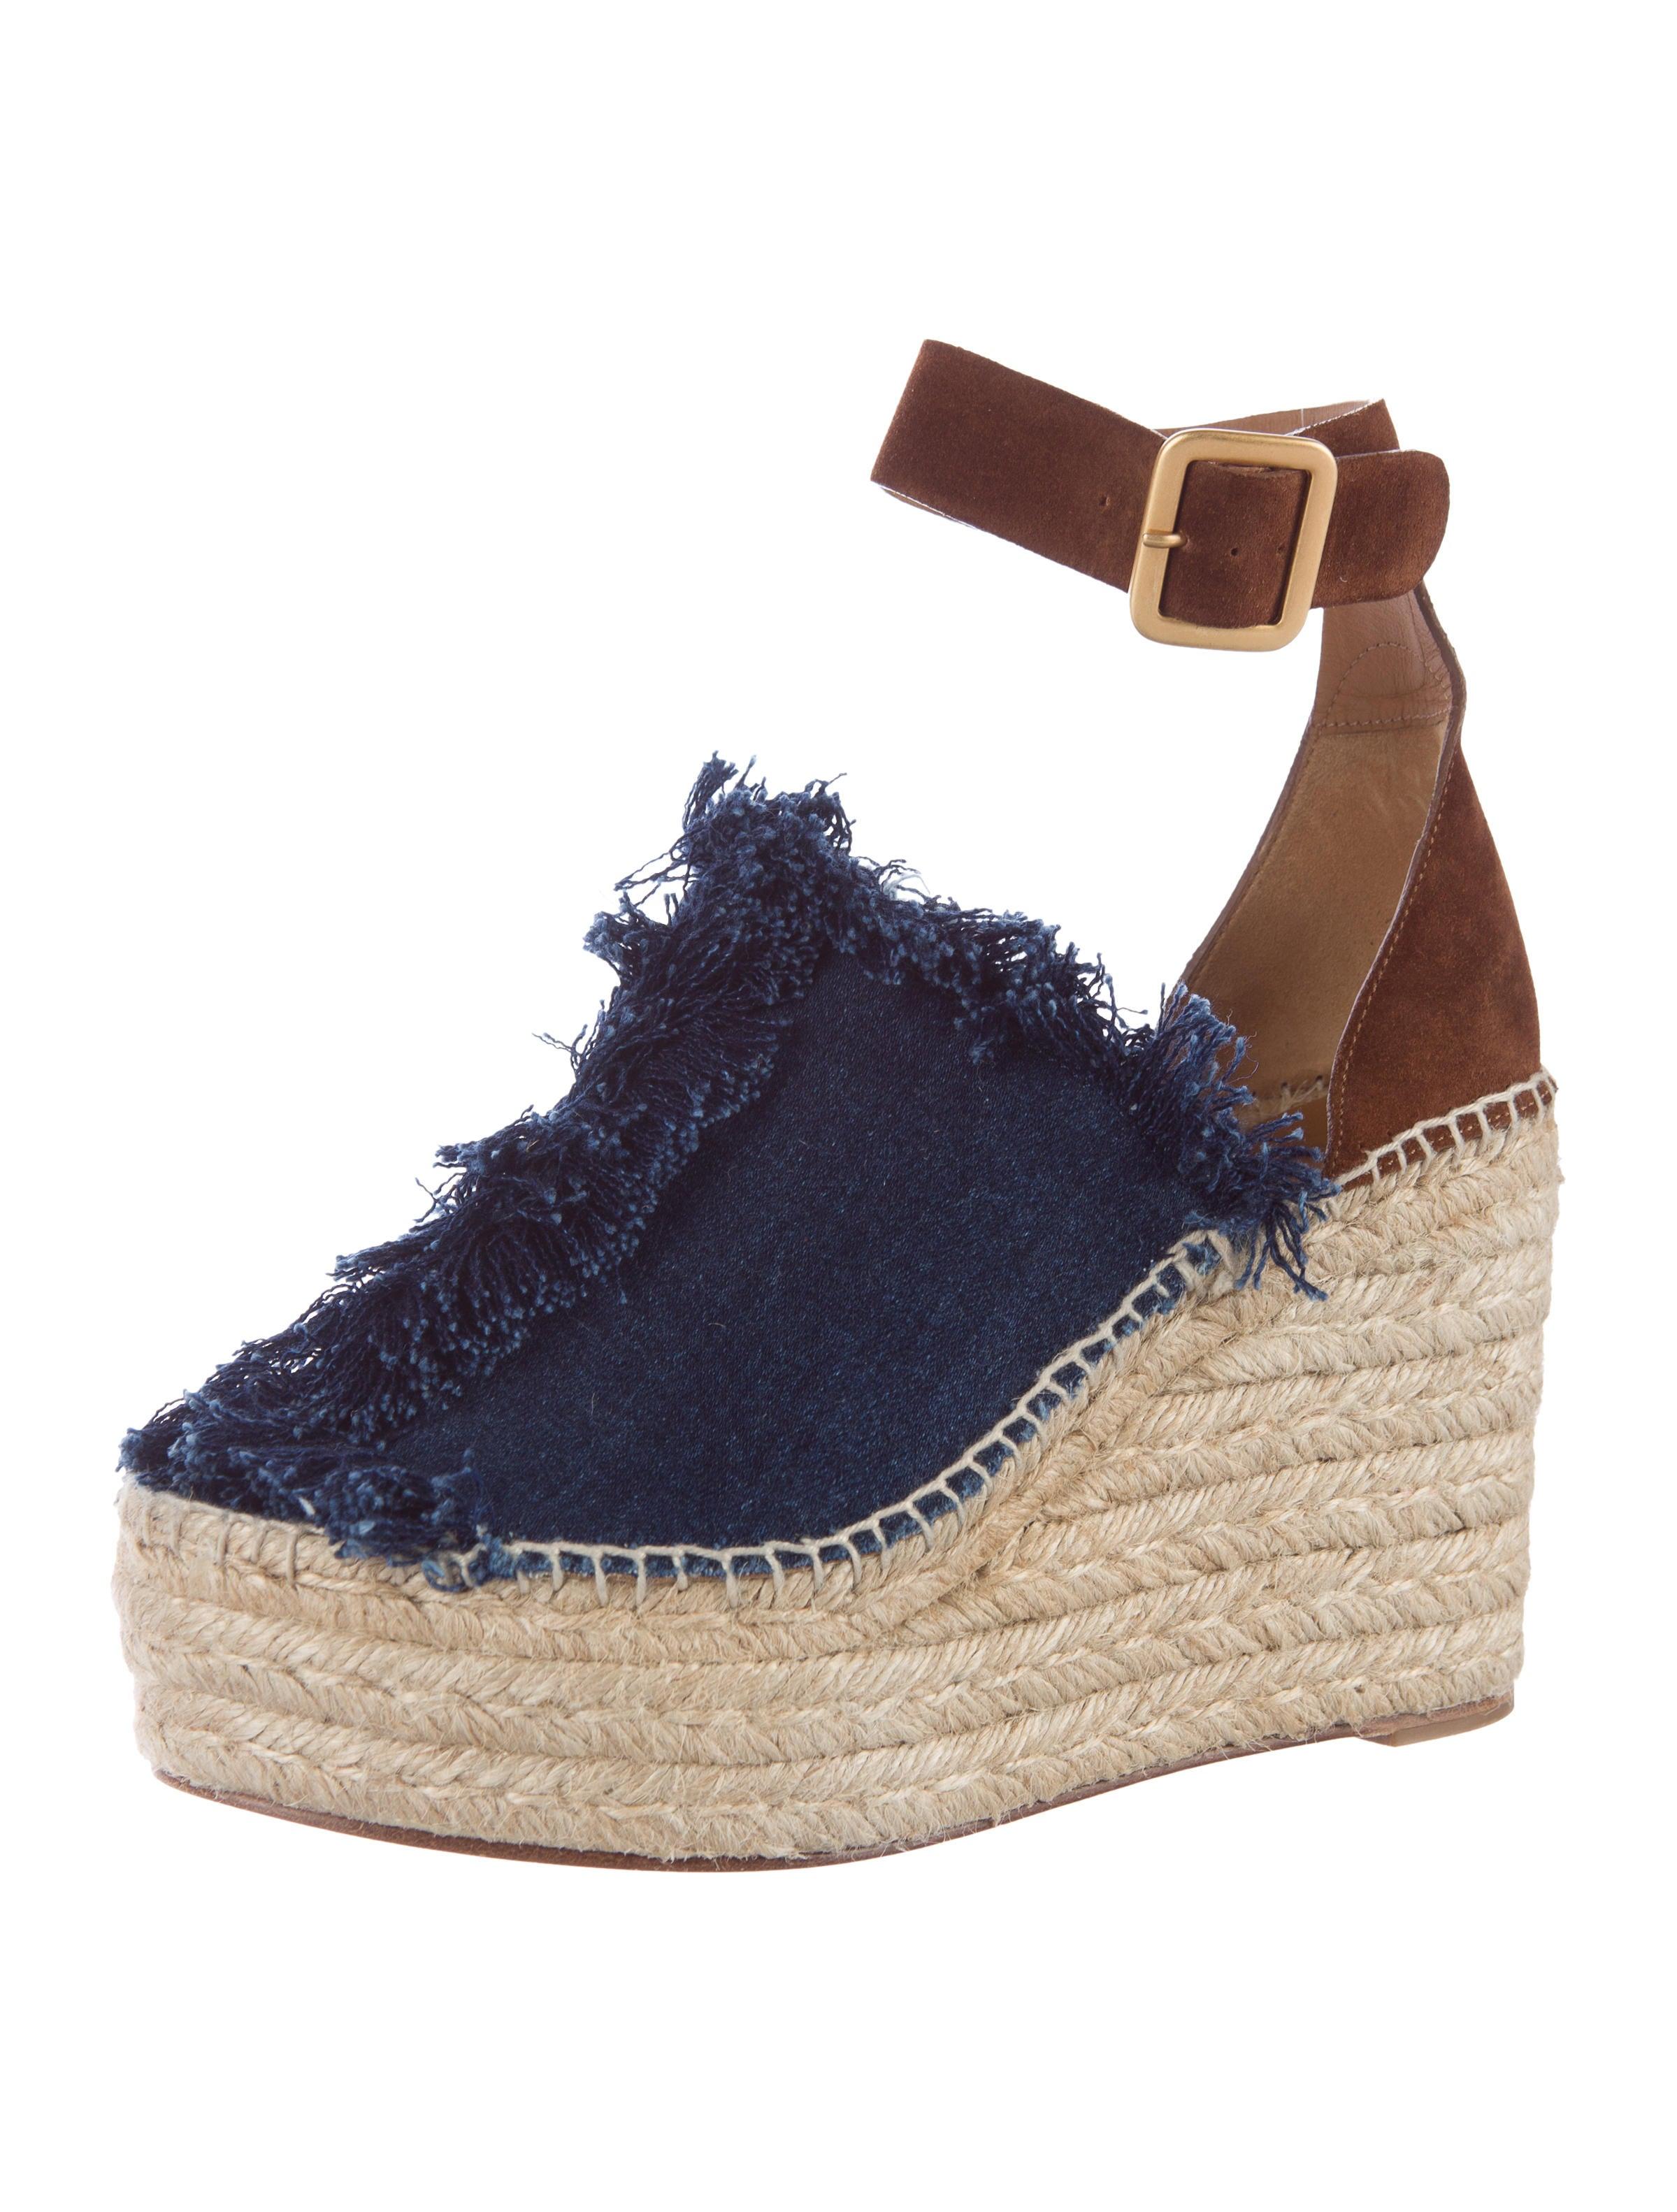 Chloé Denim Espadrille Wedges - Shoes